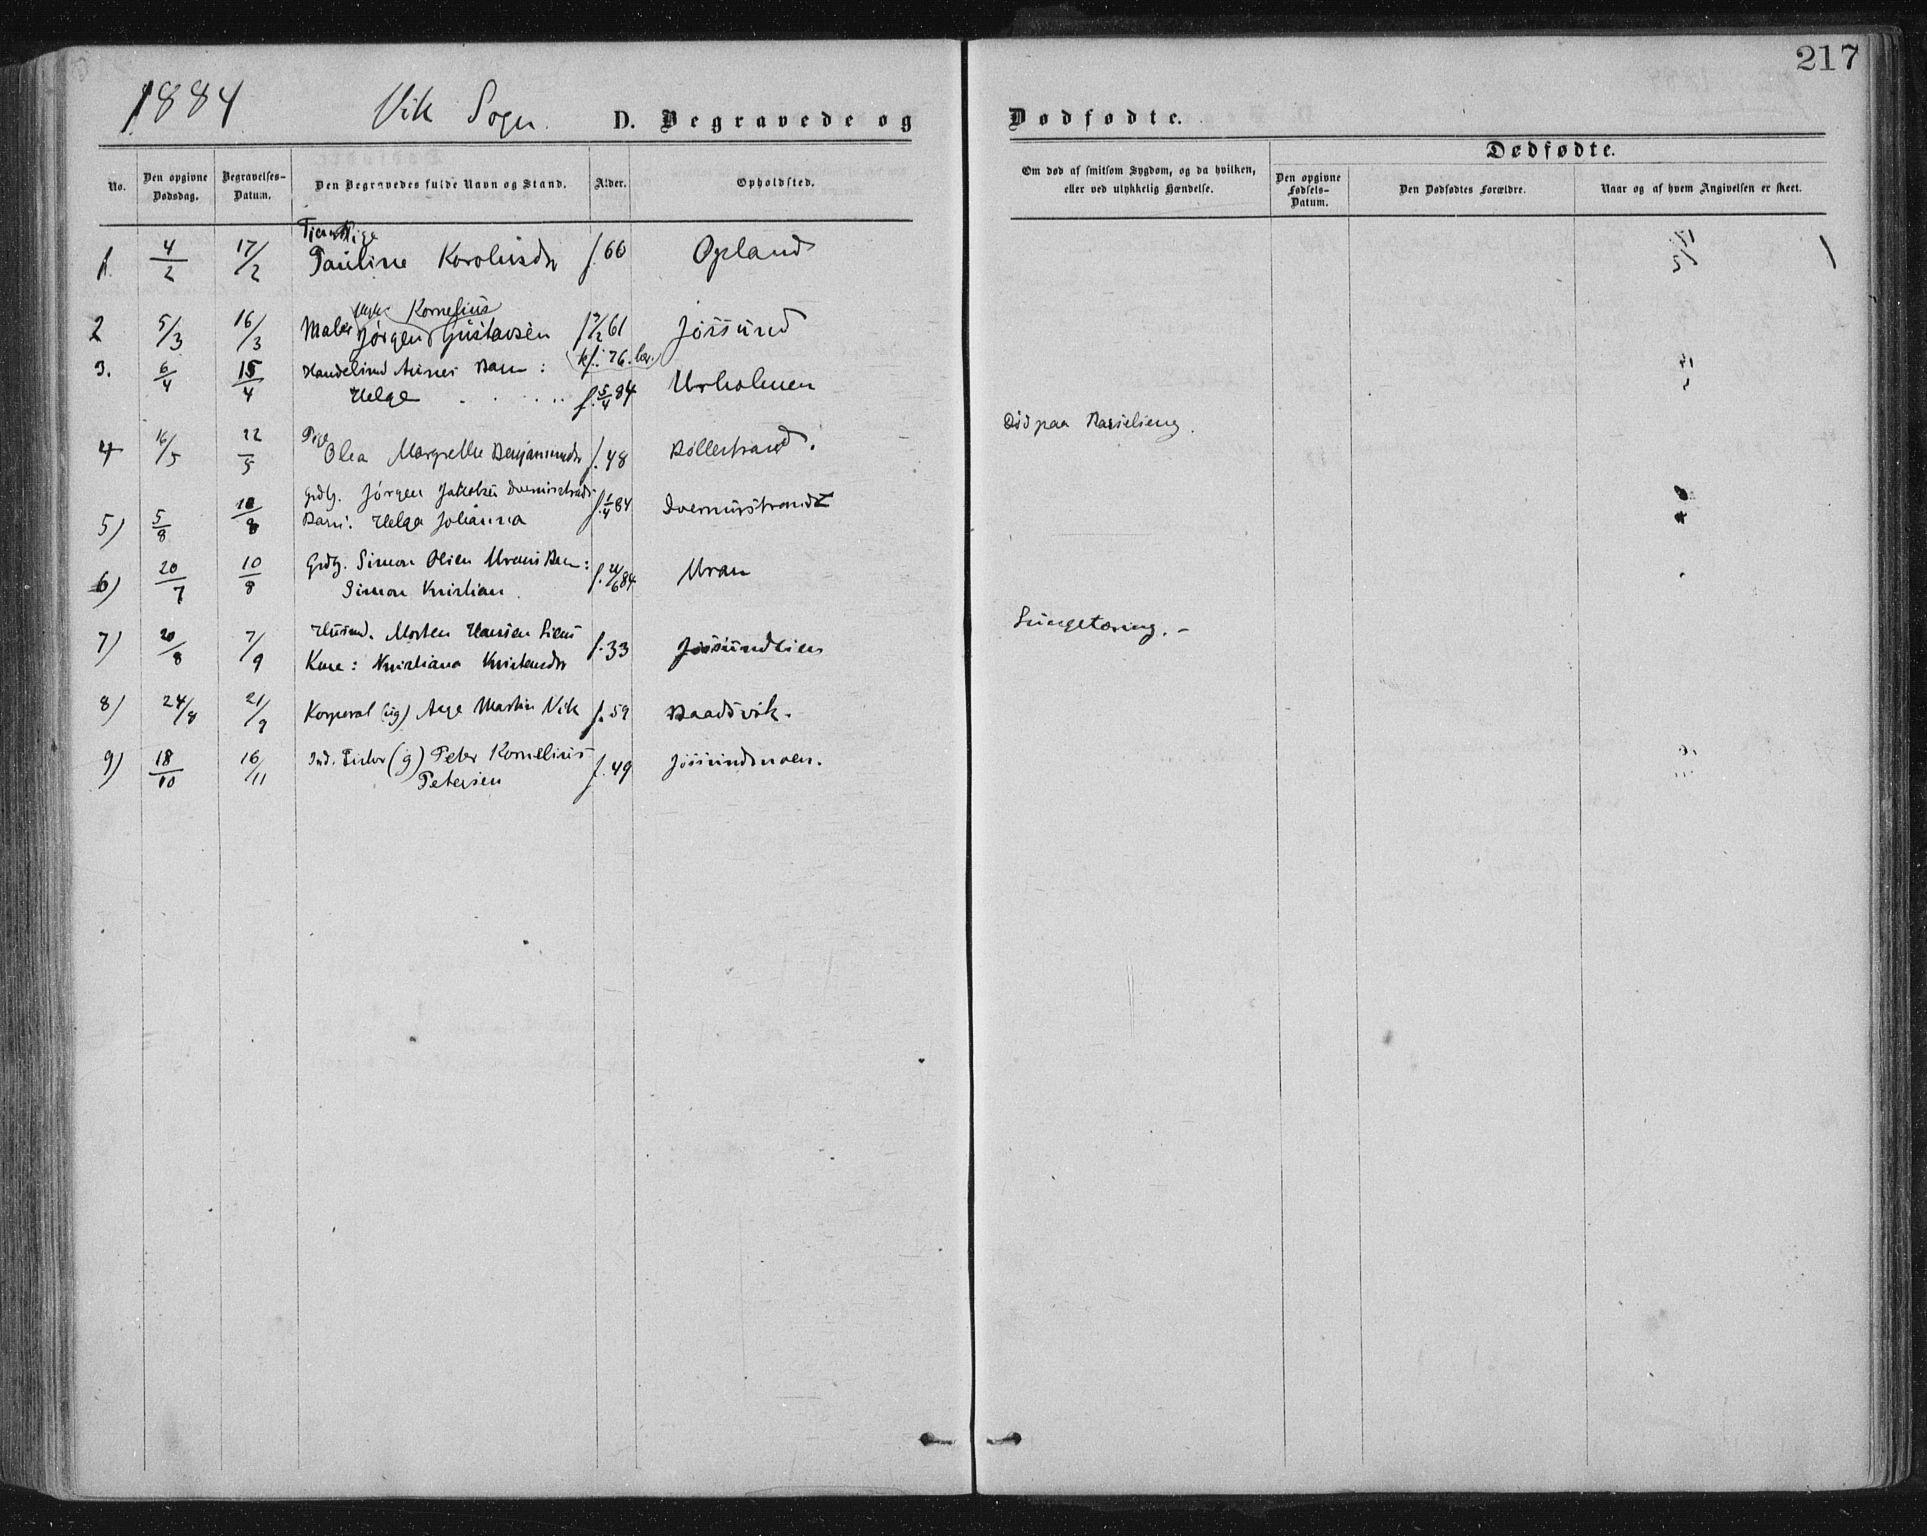 SAT, Ministerialprotokoller, klokkerbøker og fødselsregistre - Nord-Trøndelag, 771/L0596: Ministerialbok nr. 771A03, 1870-1884, s. 217